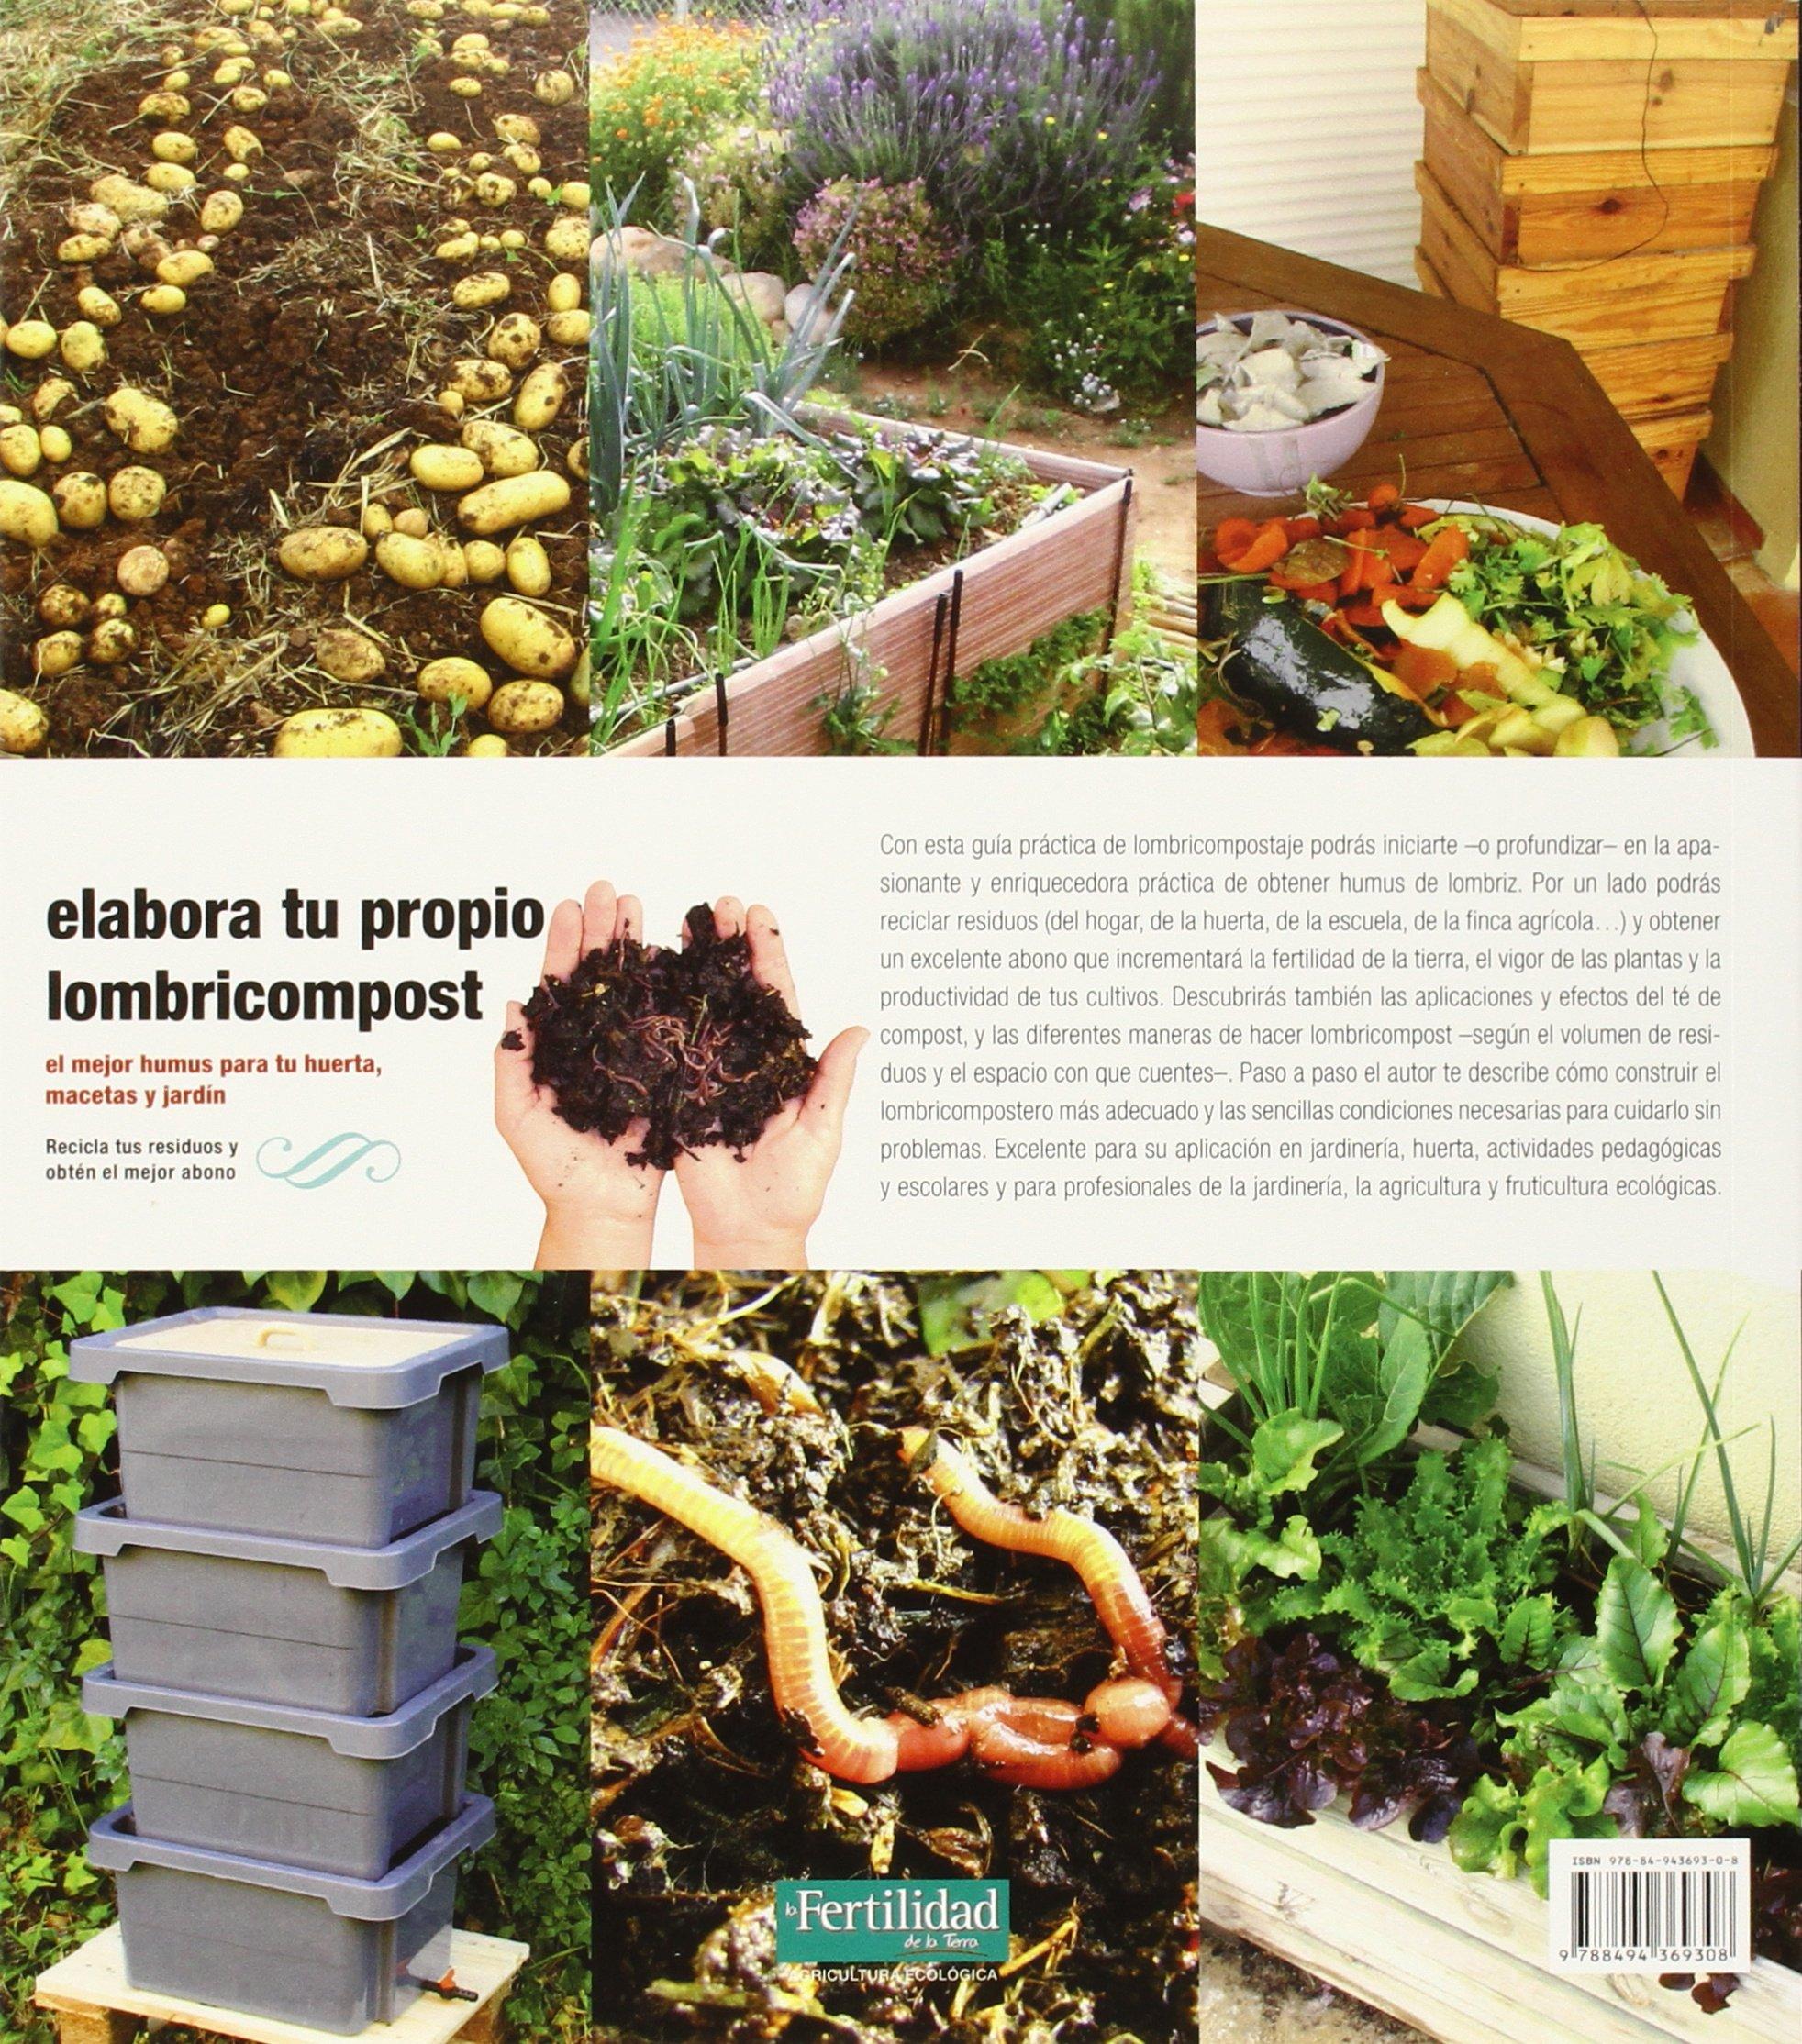 Elabora Tu Propio Lombricompost Guías para la Fertilidad de la Tierra: Amazon.es: Mariano Bueno Bosch: Libros